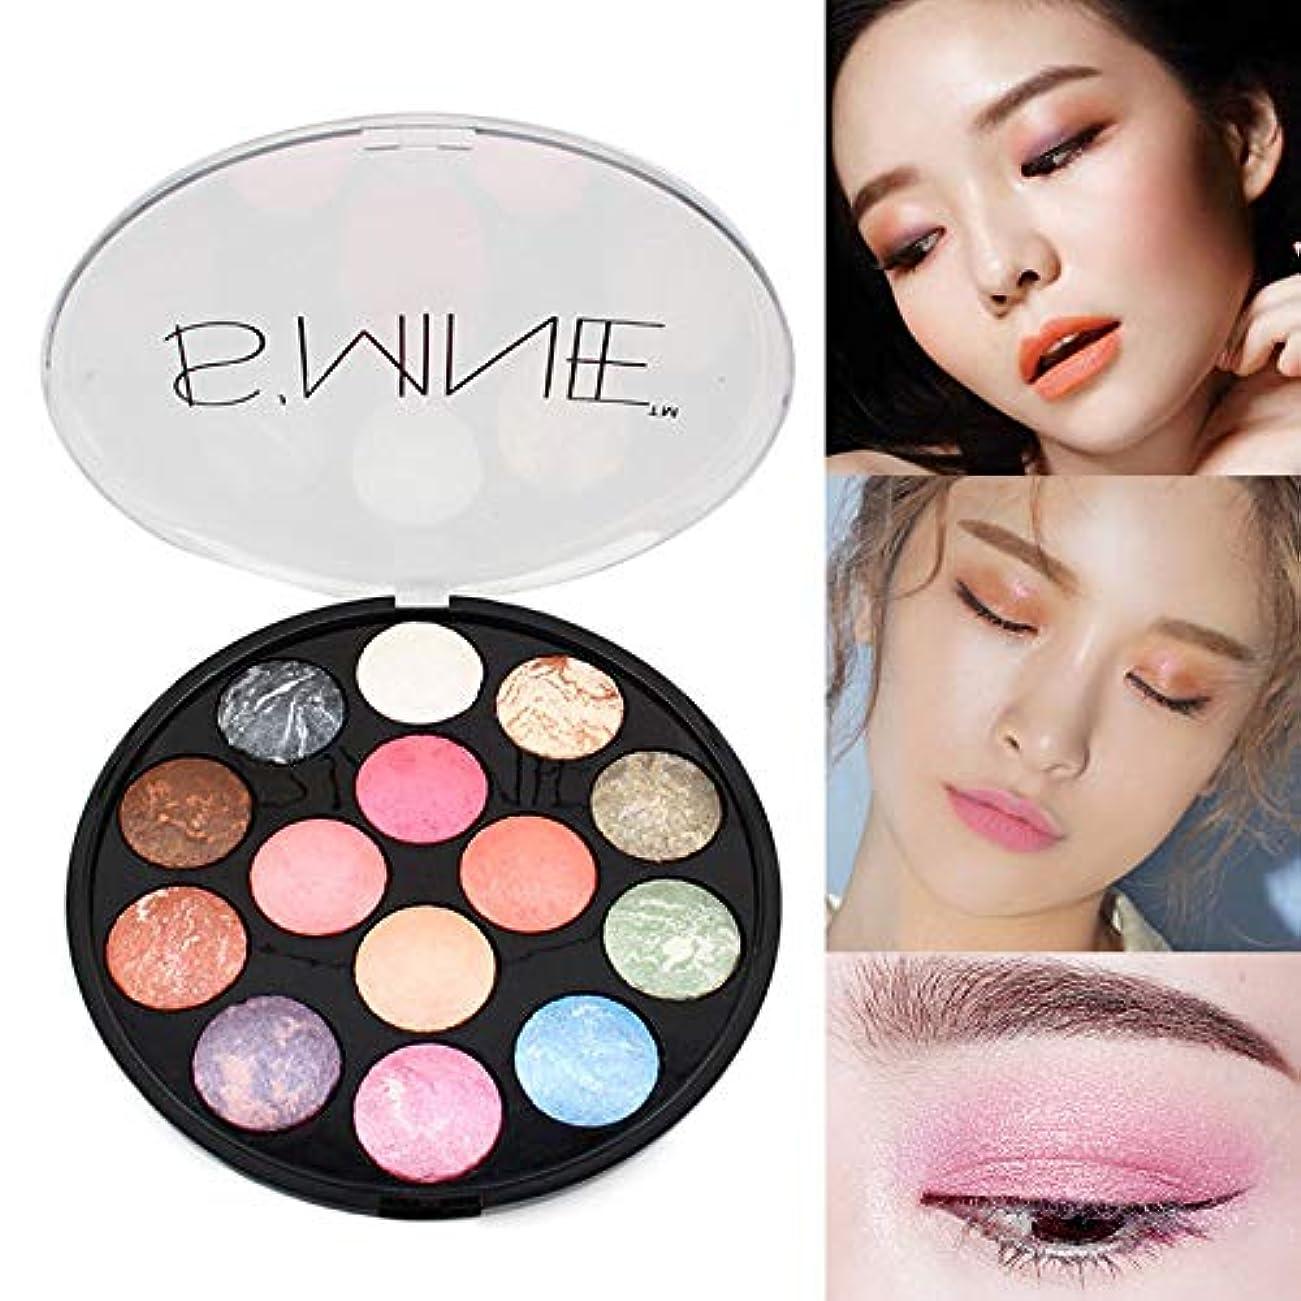 Symboat アイシャドウ パレット マット アイシャドウ 化粧パレット 高発色 人気 韓国風 自然立体 長持ち 極め細かい